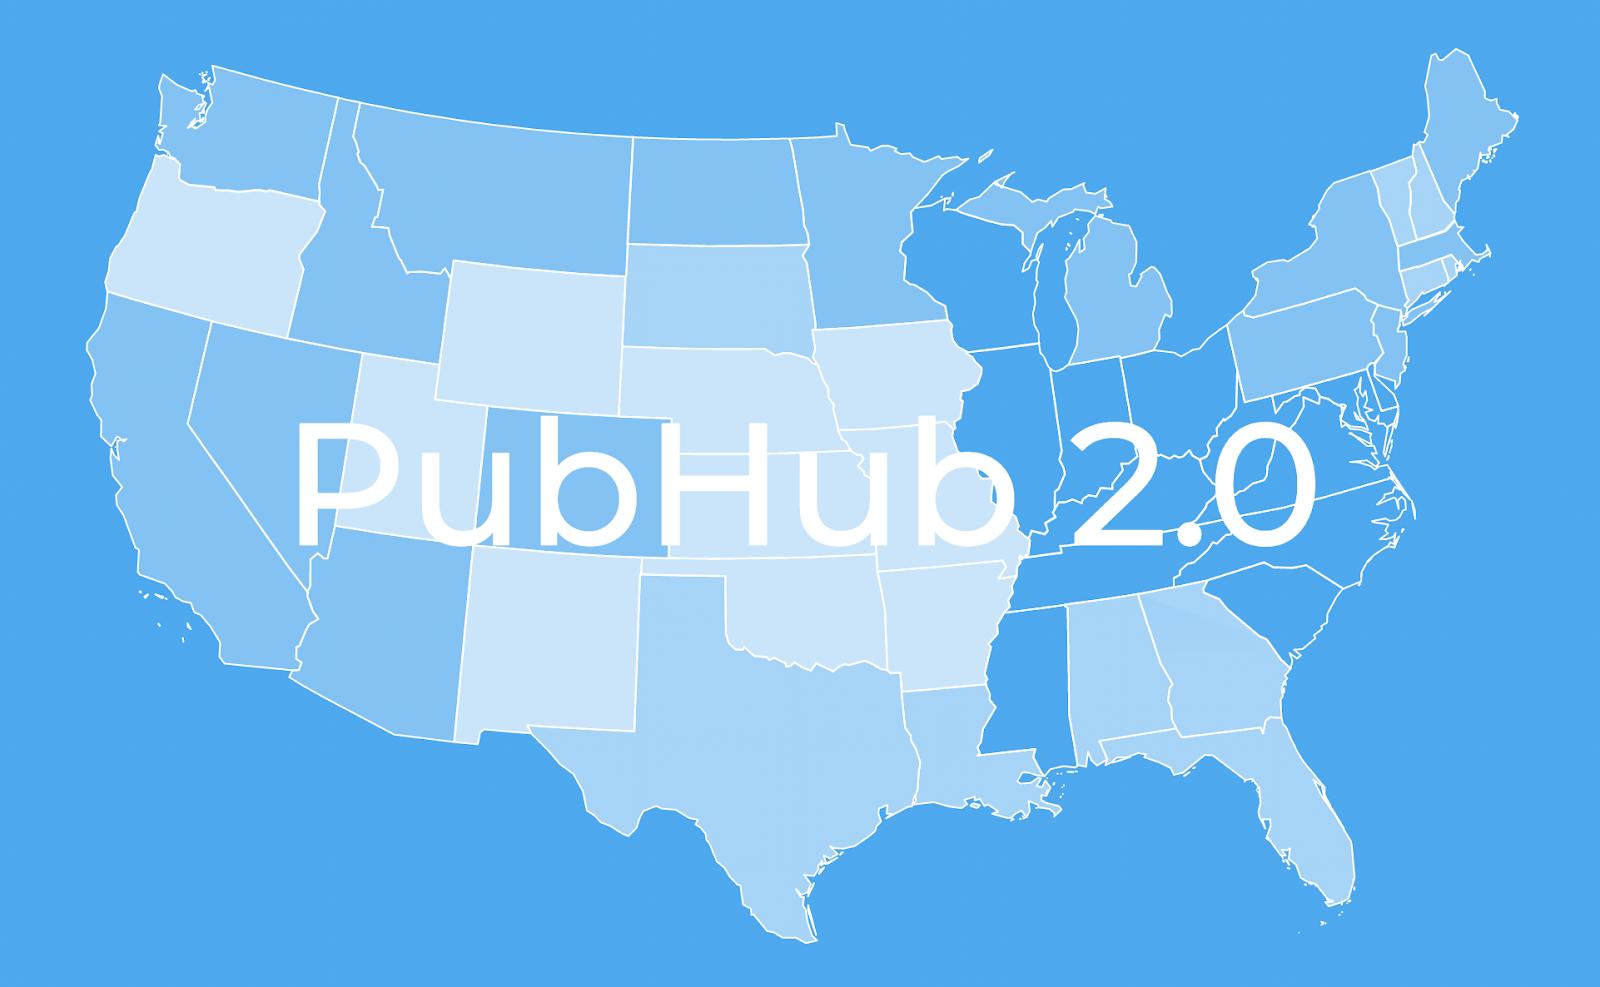 pub hub 2.0